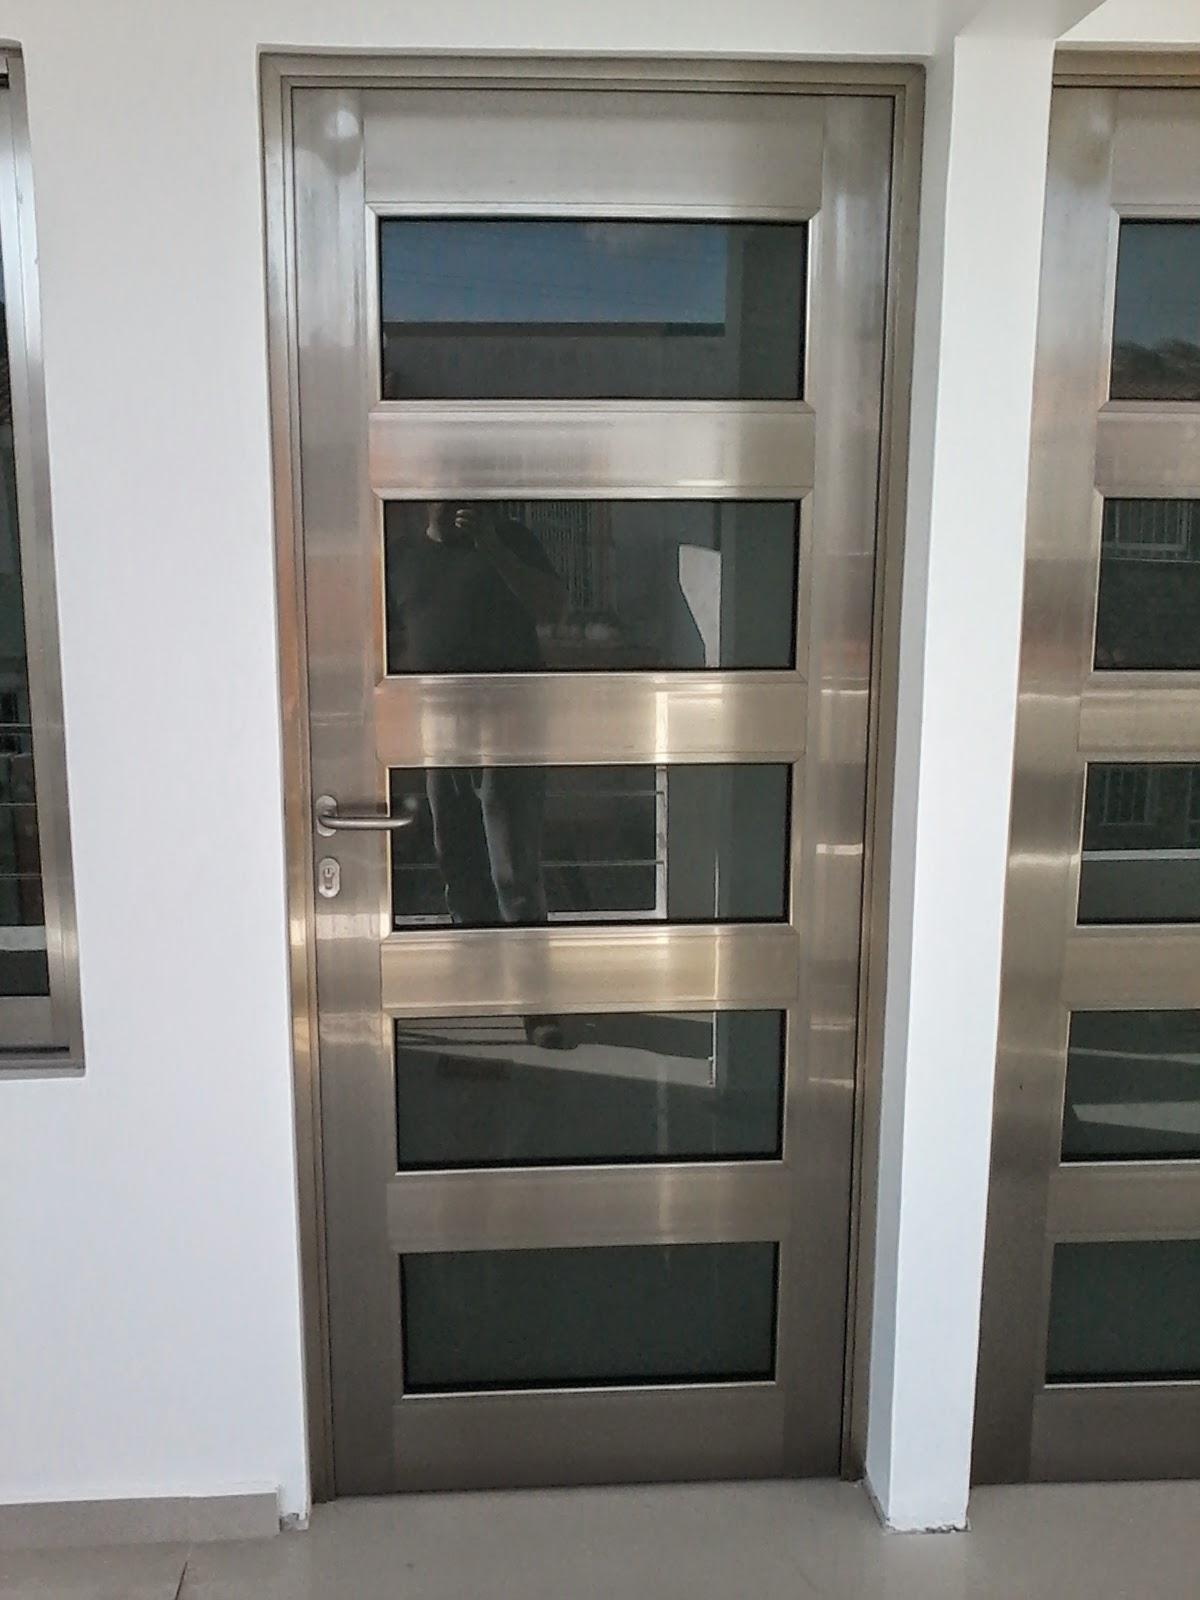 puertas de aluminio para bao color de lujo linea eurovent en aluminio color champagne y cristal puertas de aluminio para bao color madera